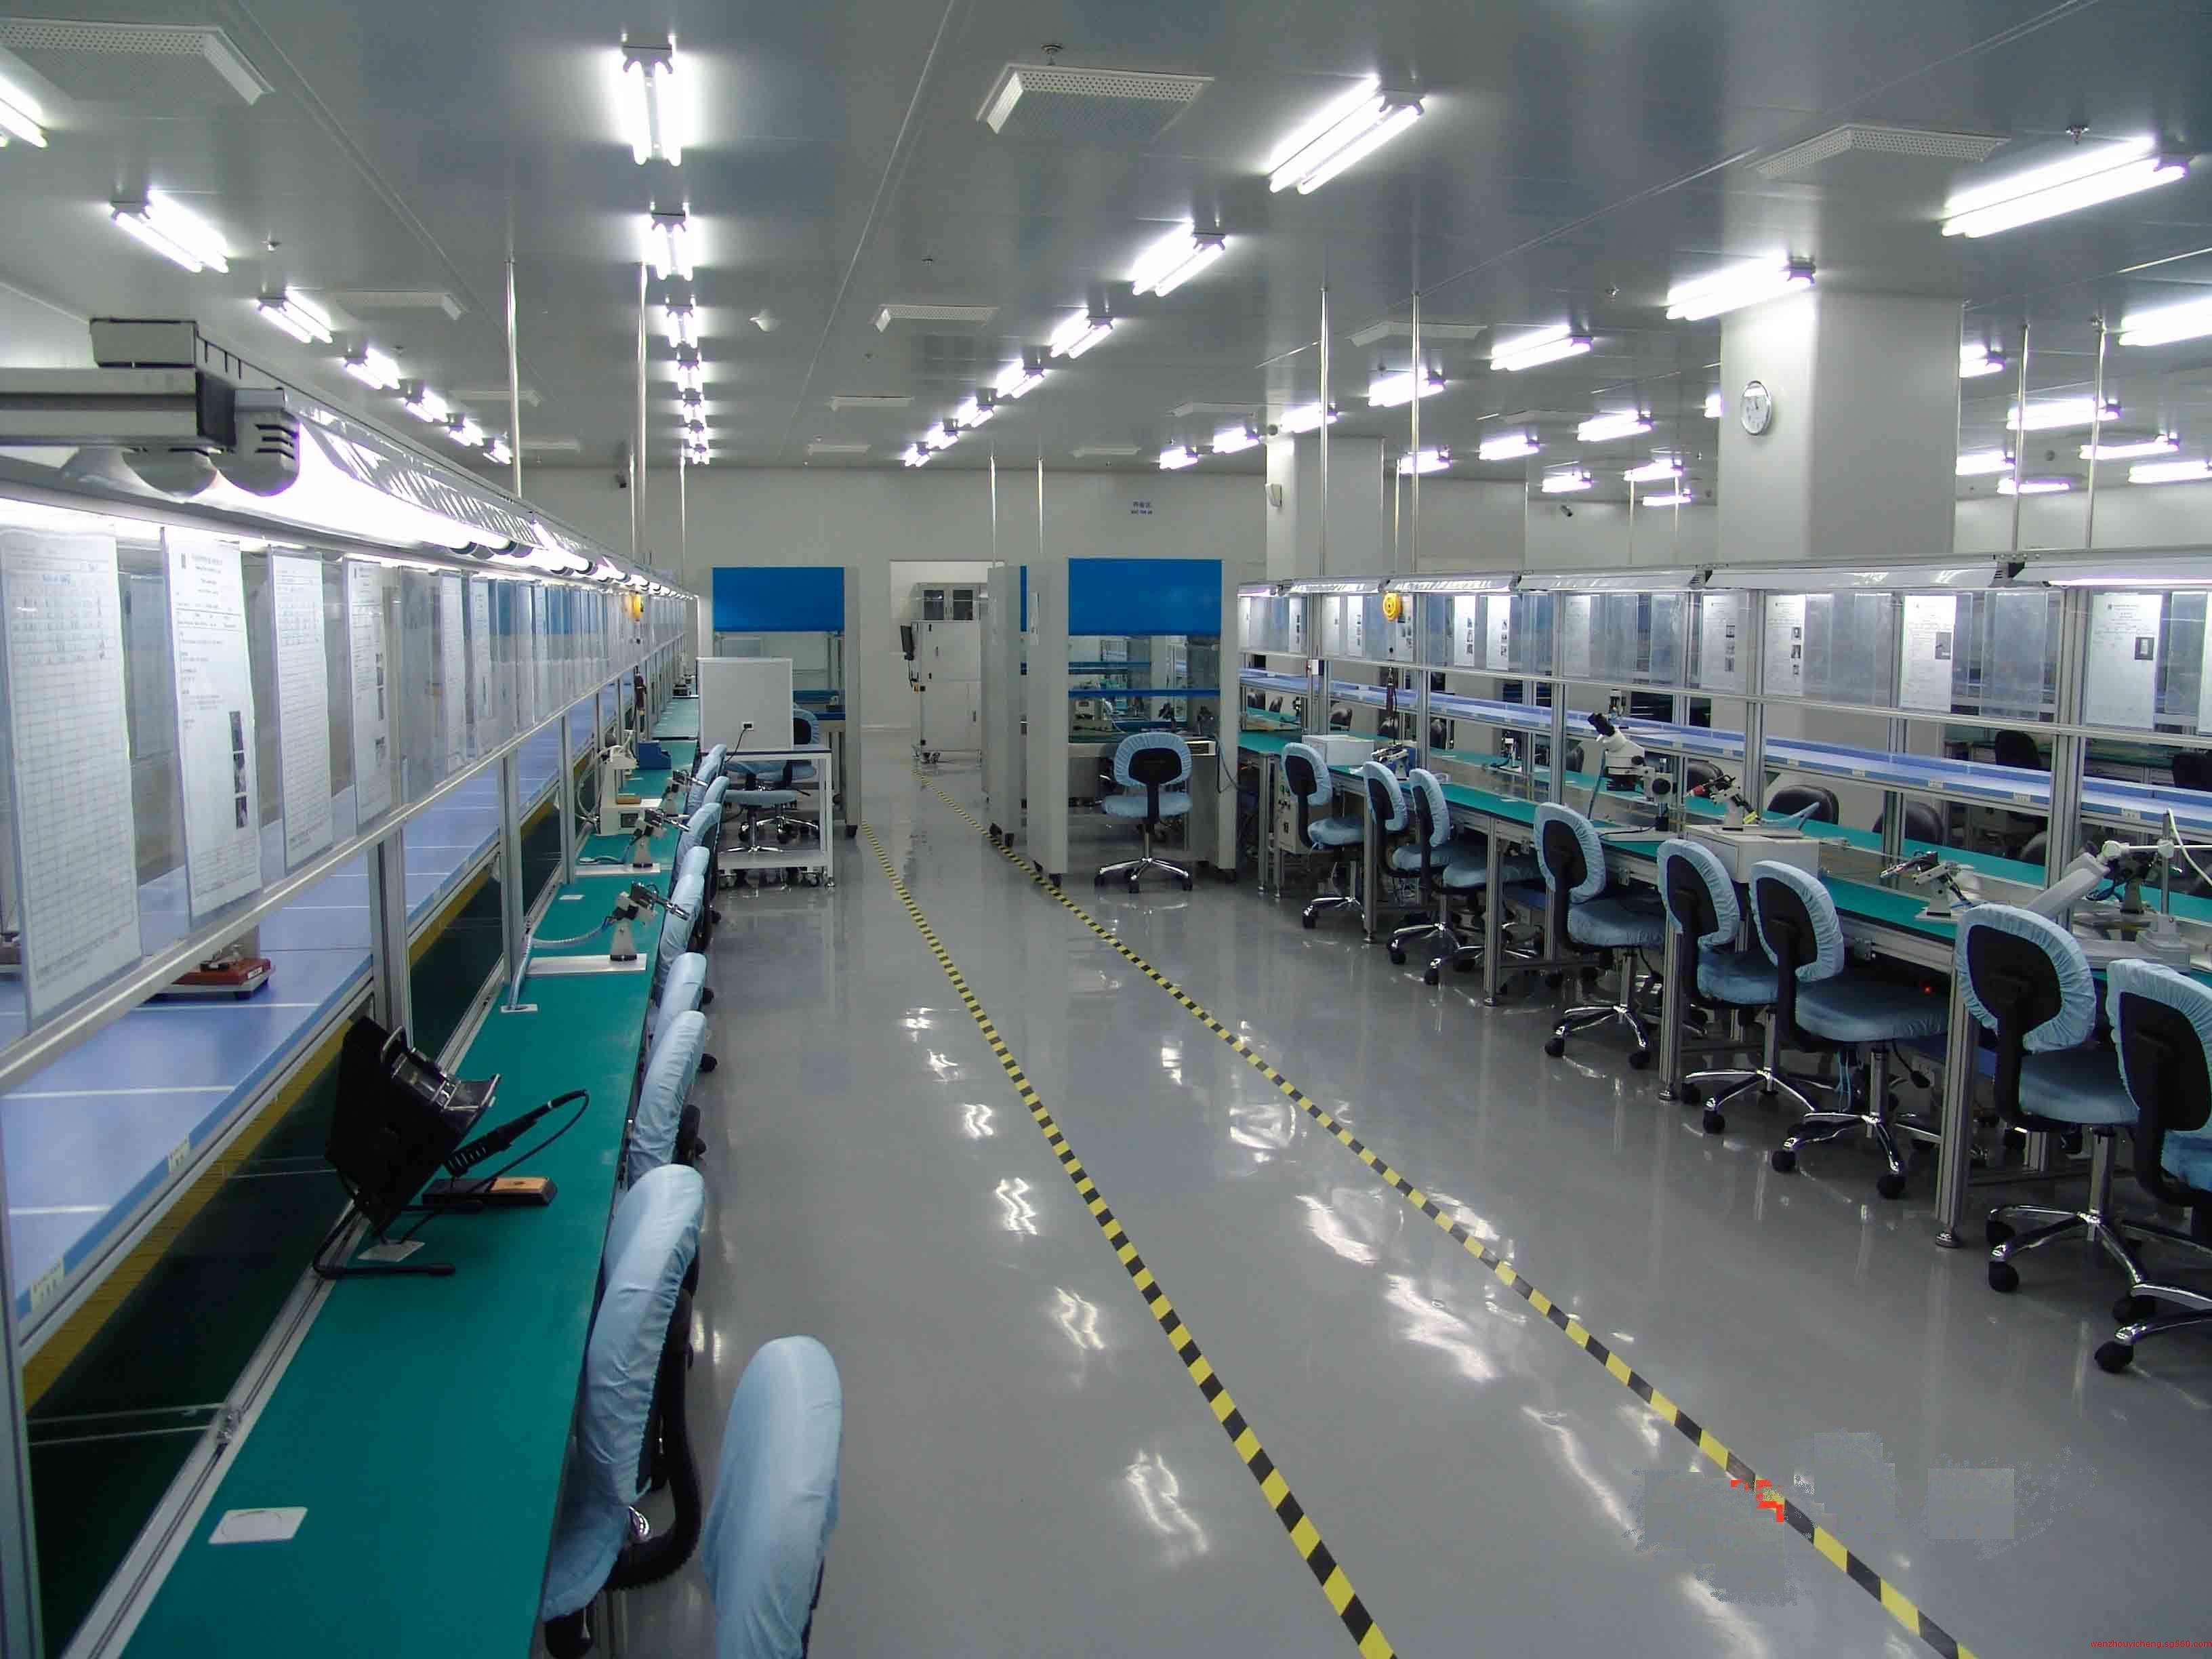 十级洁净工程公司 空气洁净处理方案